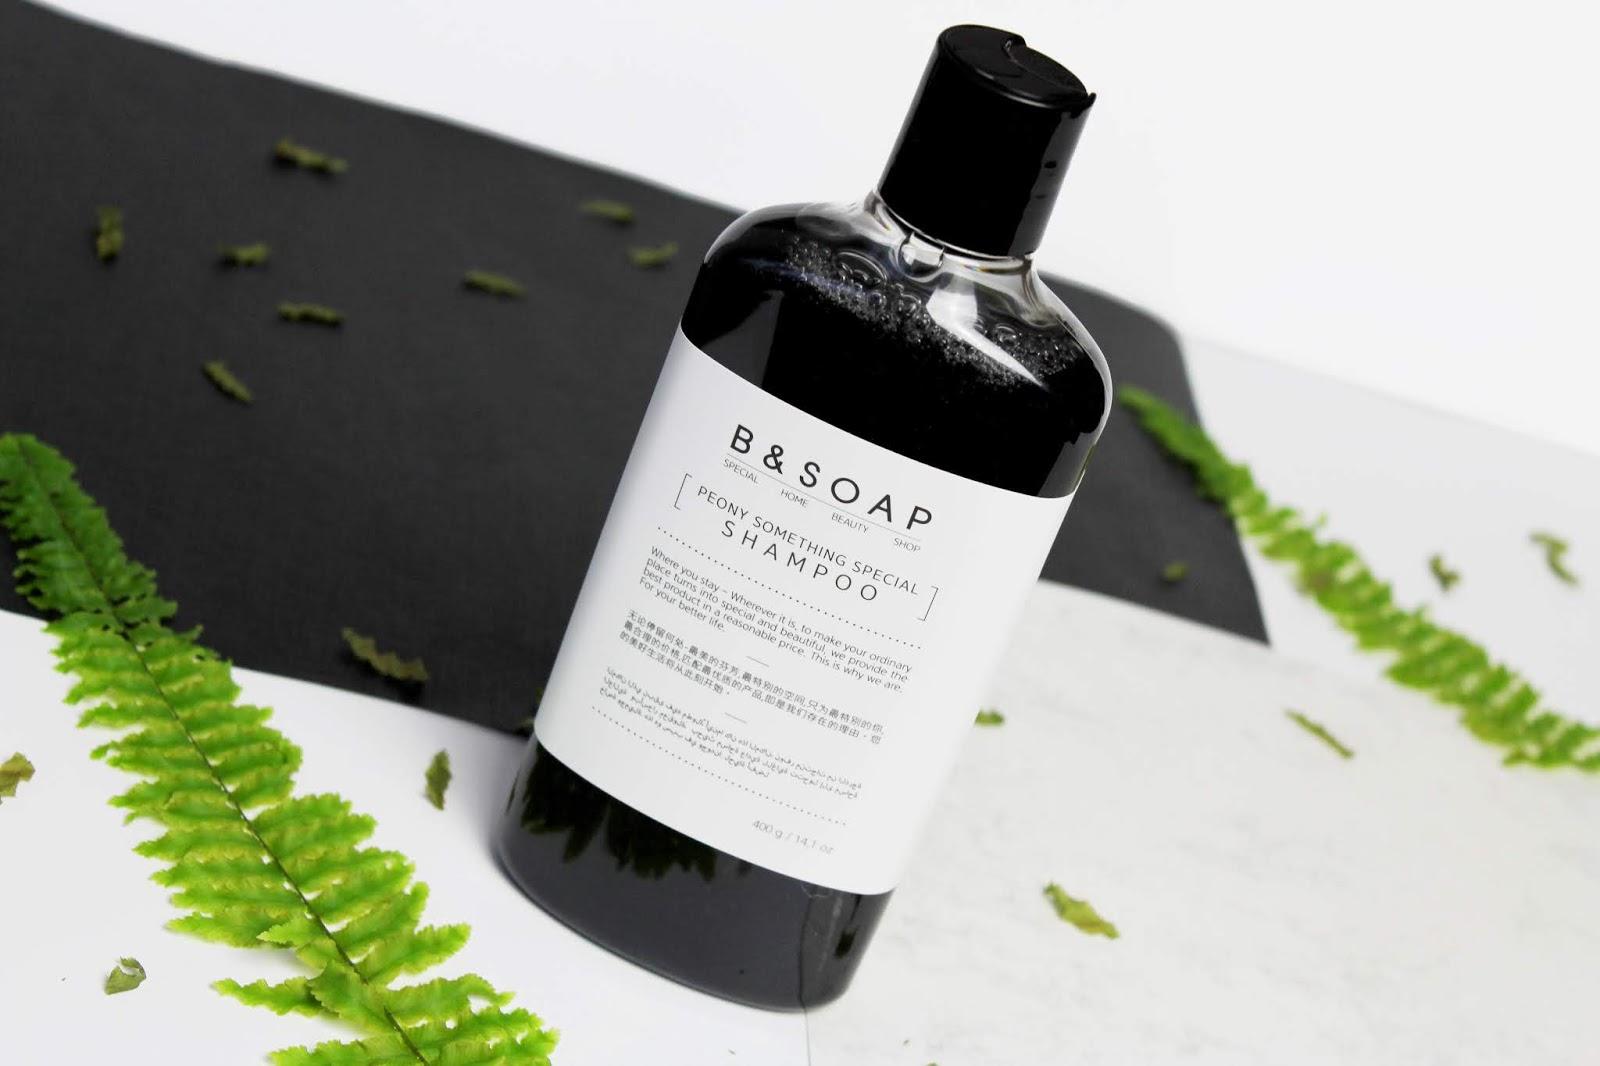 B&SOAP, Peony Something Special Shampoo and Treatment - Delikatny szampon do codziennego stosowania oraz odżywka intensywnie wygładzająca włosy